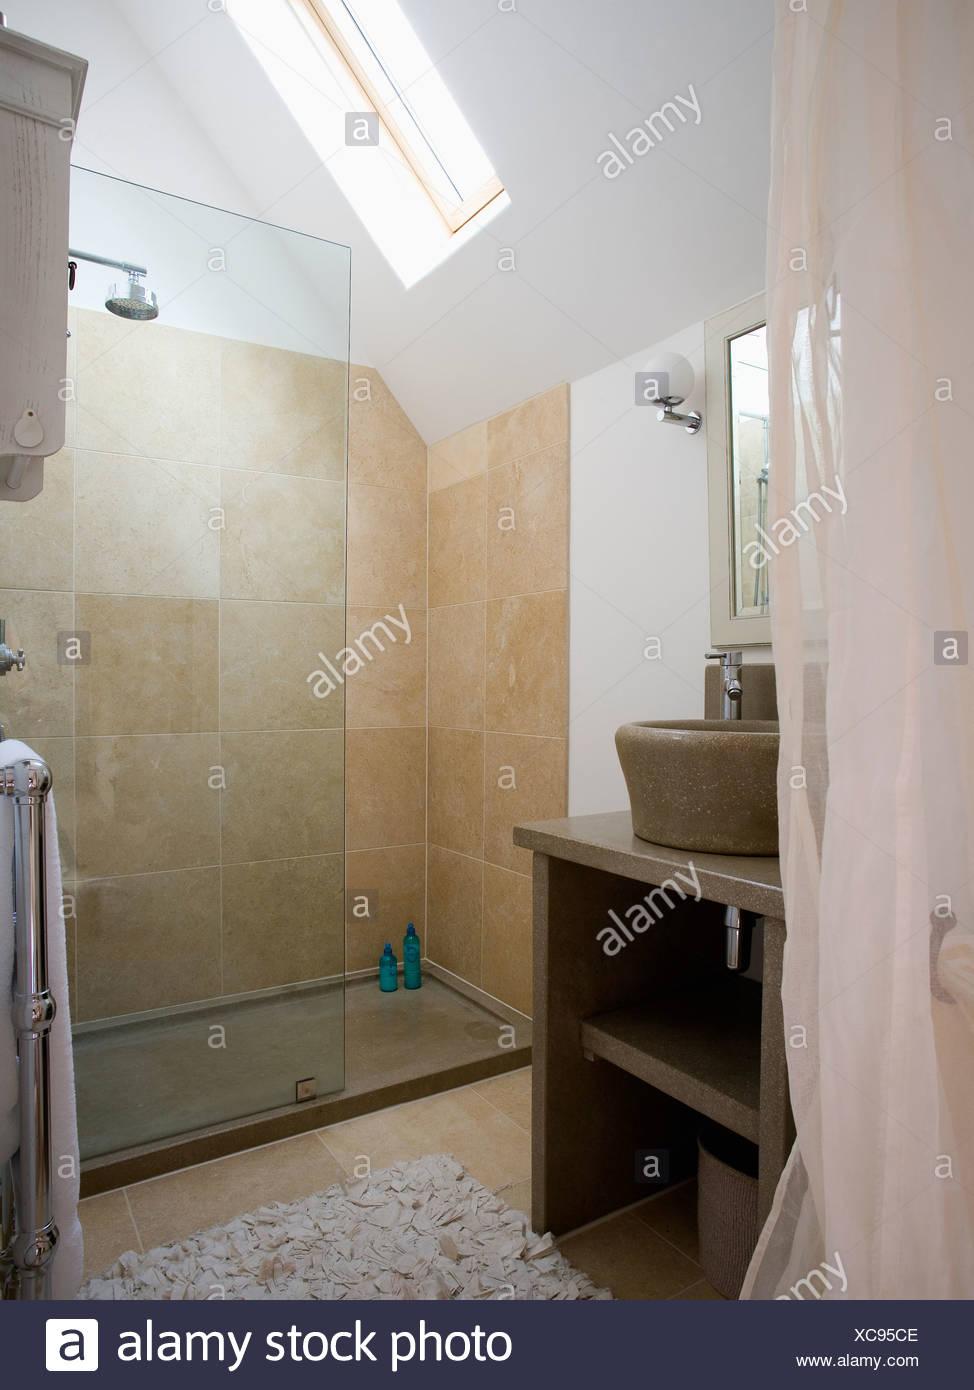 Full Size of Glas Trennwand Auf Groe Begehbare Dusche Mit Beige Fliesen In Unterputz Grohe Wand 90x90 Ebenerdige Kosten Bodengleiche Nachträglich Einbauen Komplett Set Dusche Glastrennwand Dusche